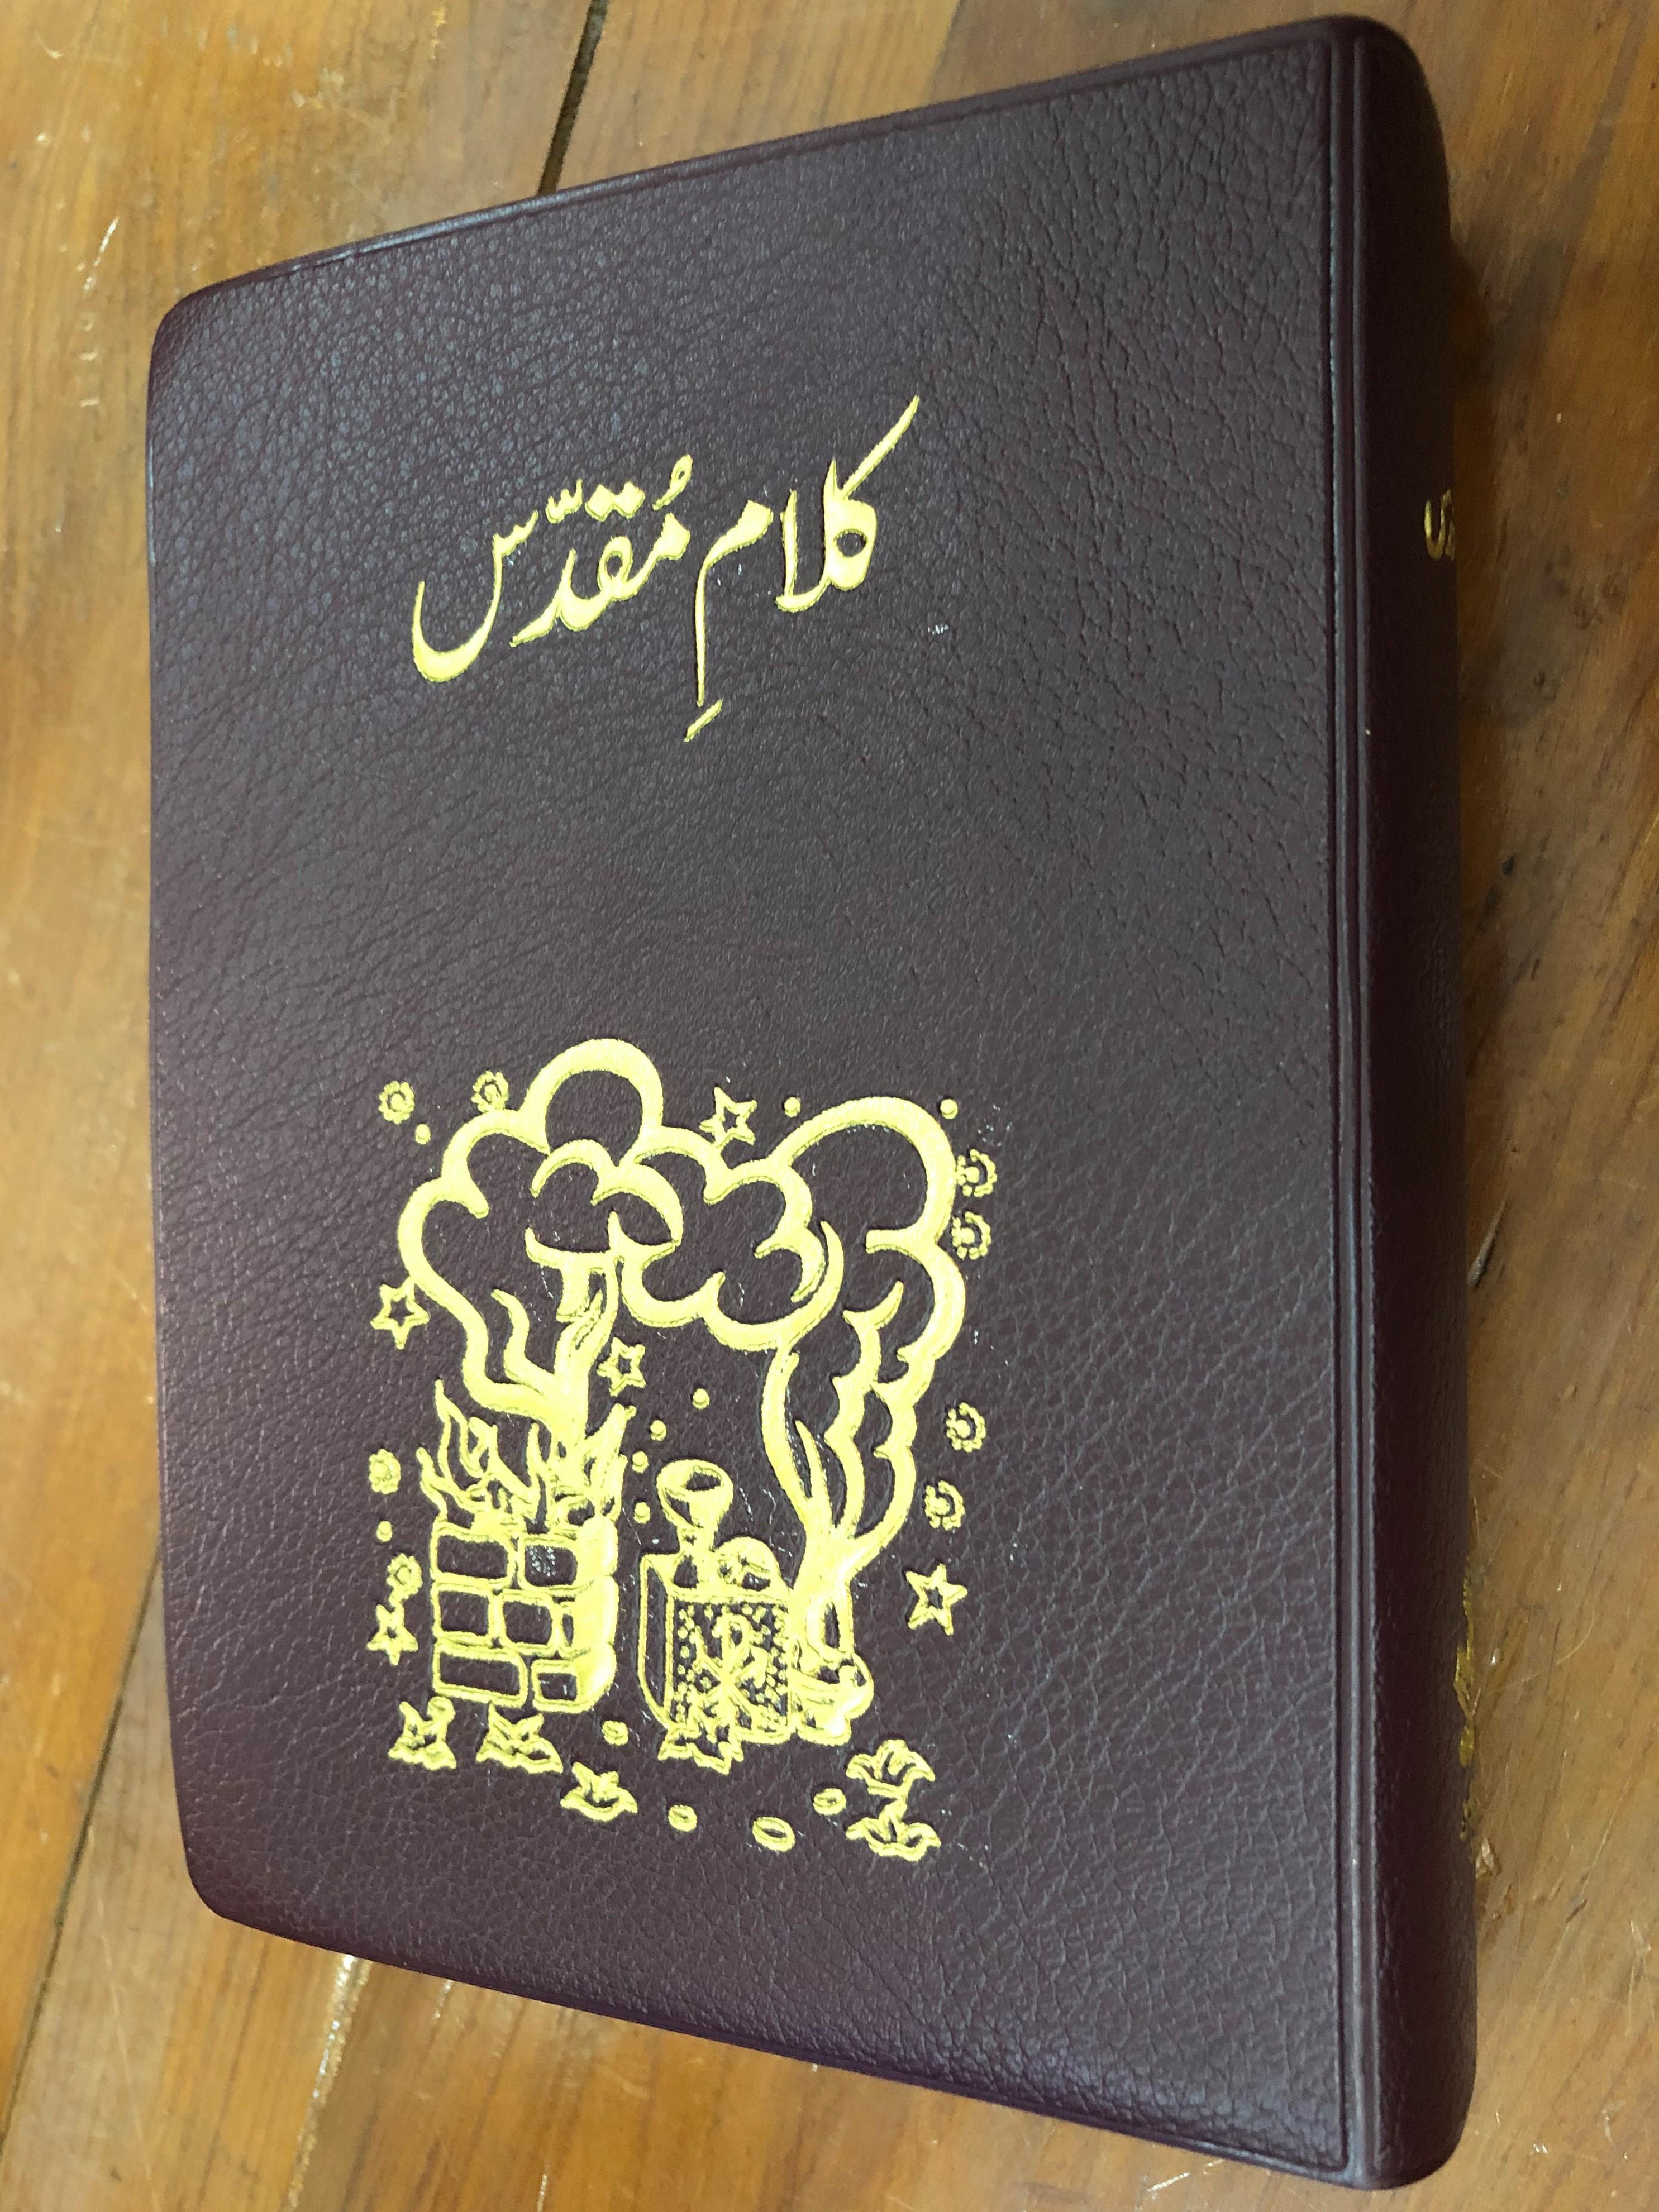 urdu-catholic-bible-black-vinyl-bound-catholic-bible-commission-pakistan-2007-kalam-e-muqaddas-with-color-maps-1-.jpg